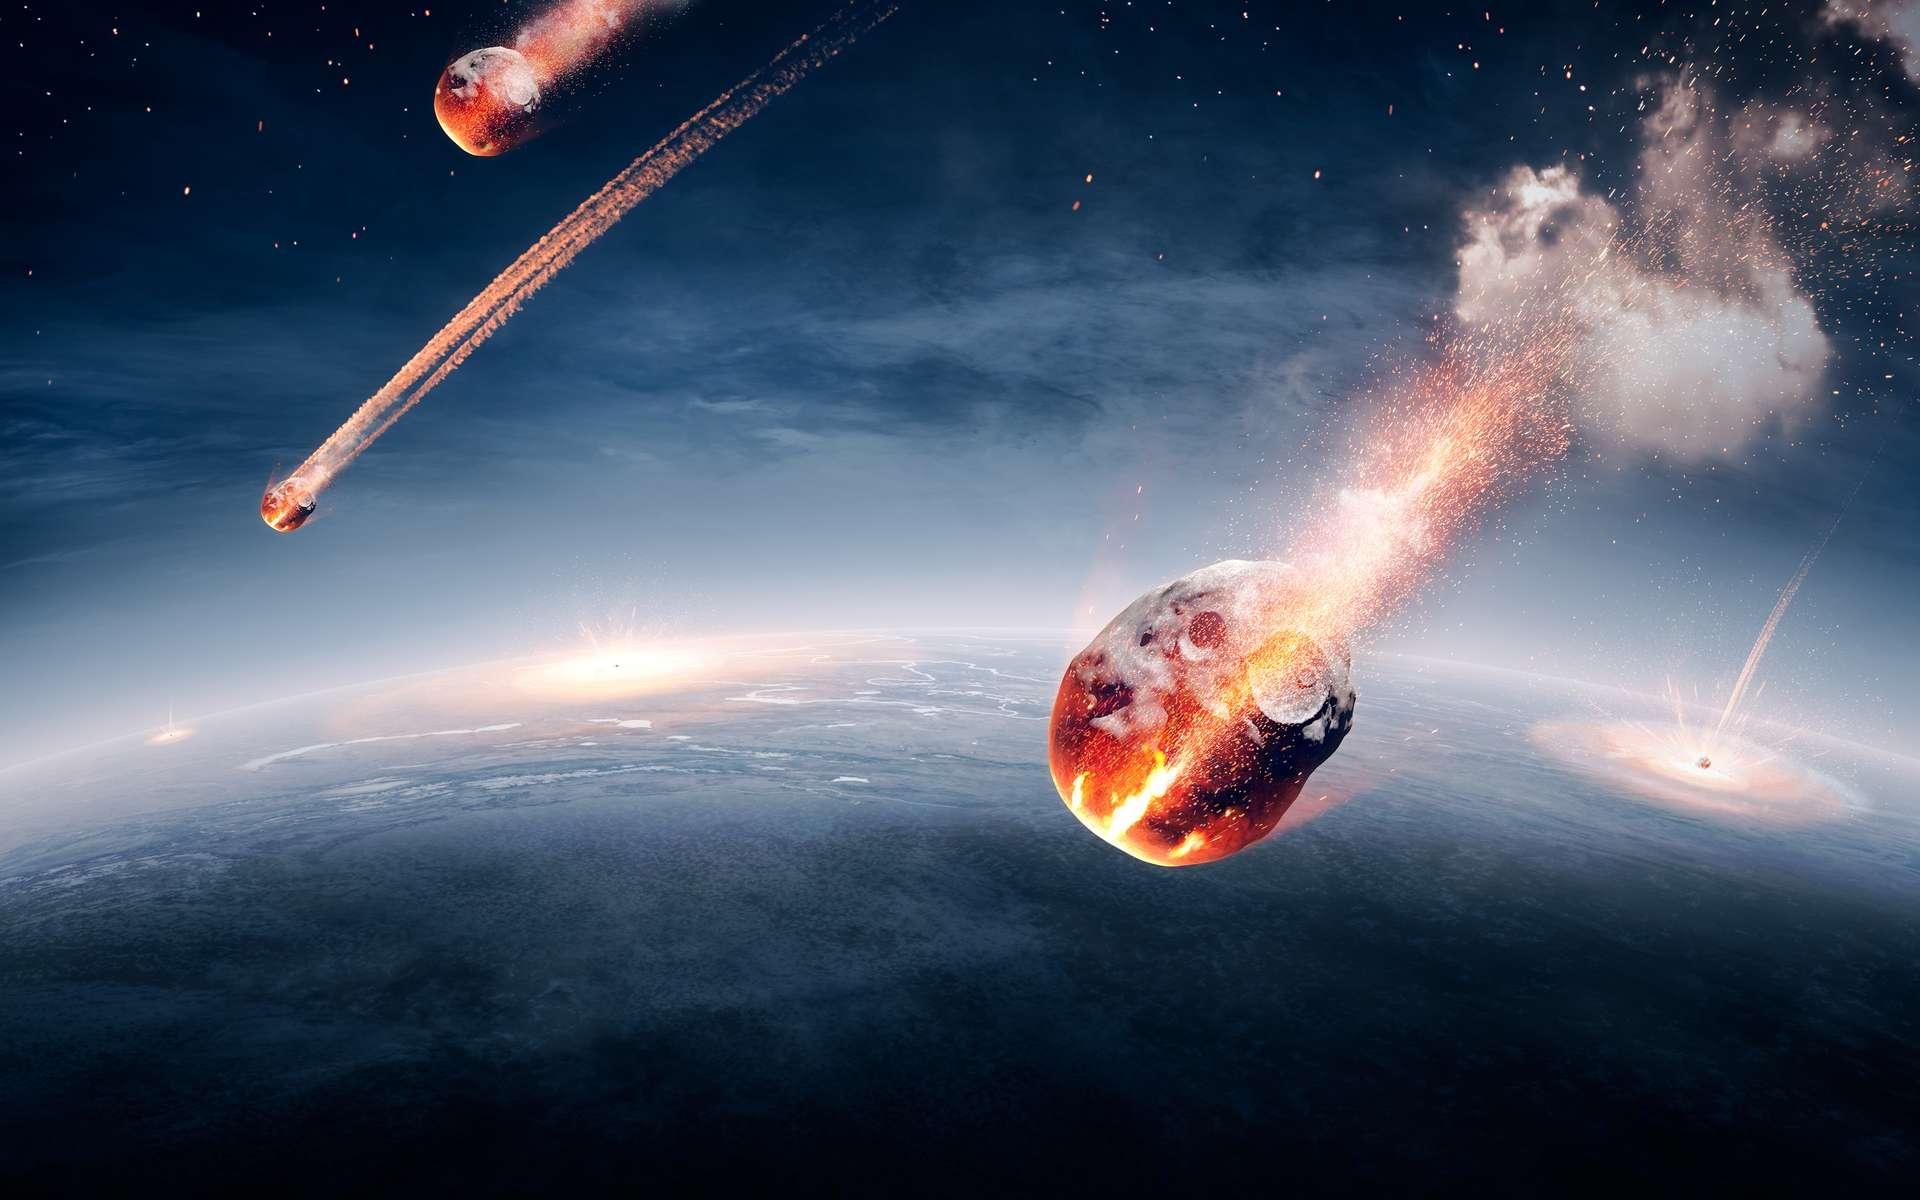 Selon des chercheurs de l'université d'Osaka au Japon, la Terre a été bombardée par une pluie de météorite il y a 800 millions d'années. © JohanSwanepoel, Adobe Stock